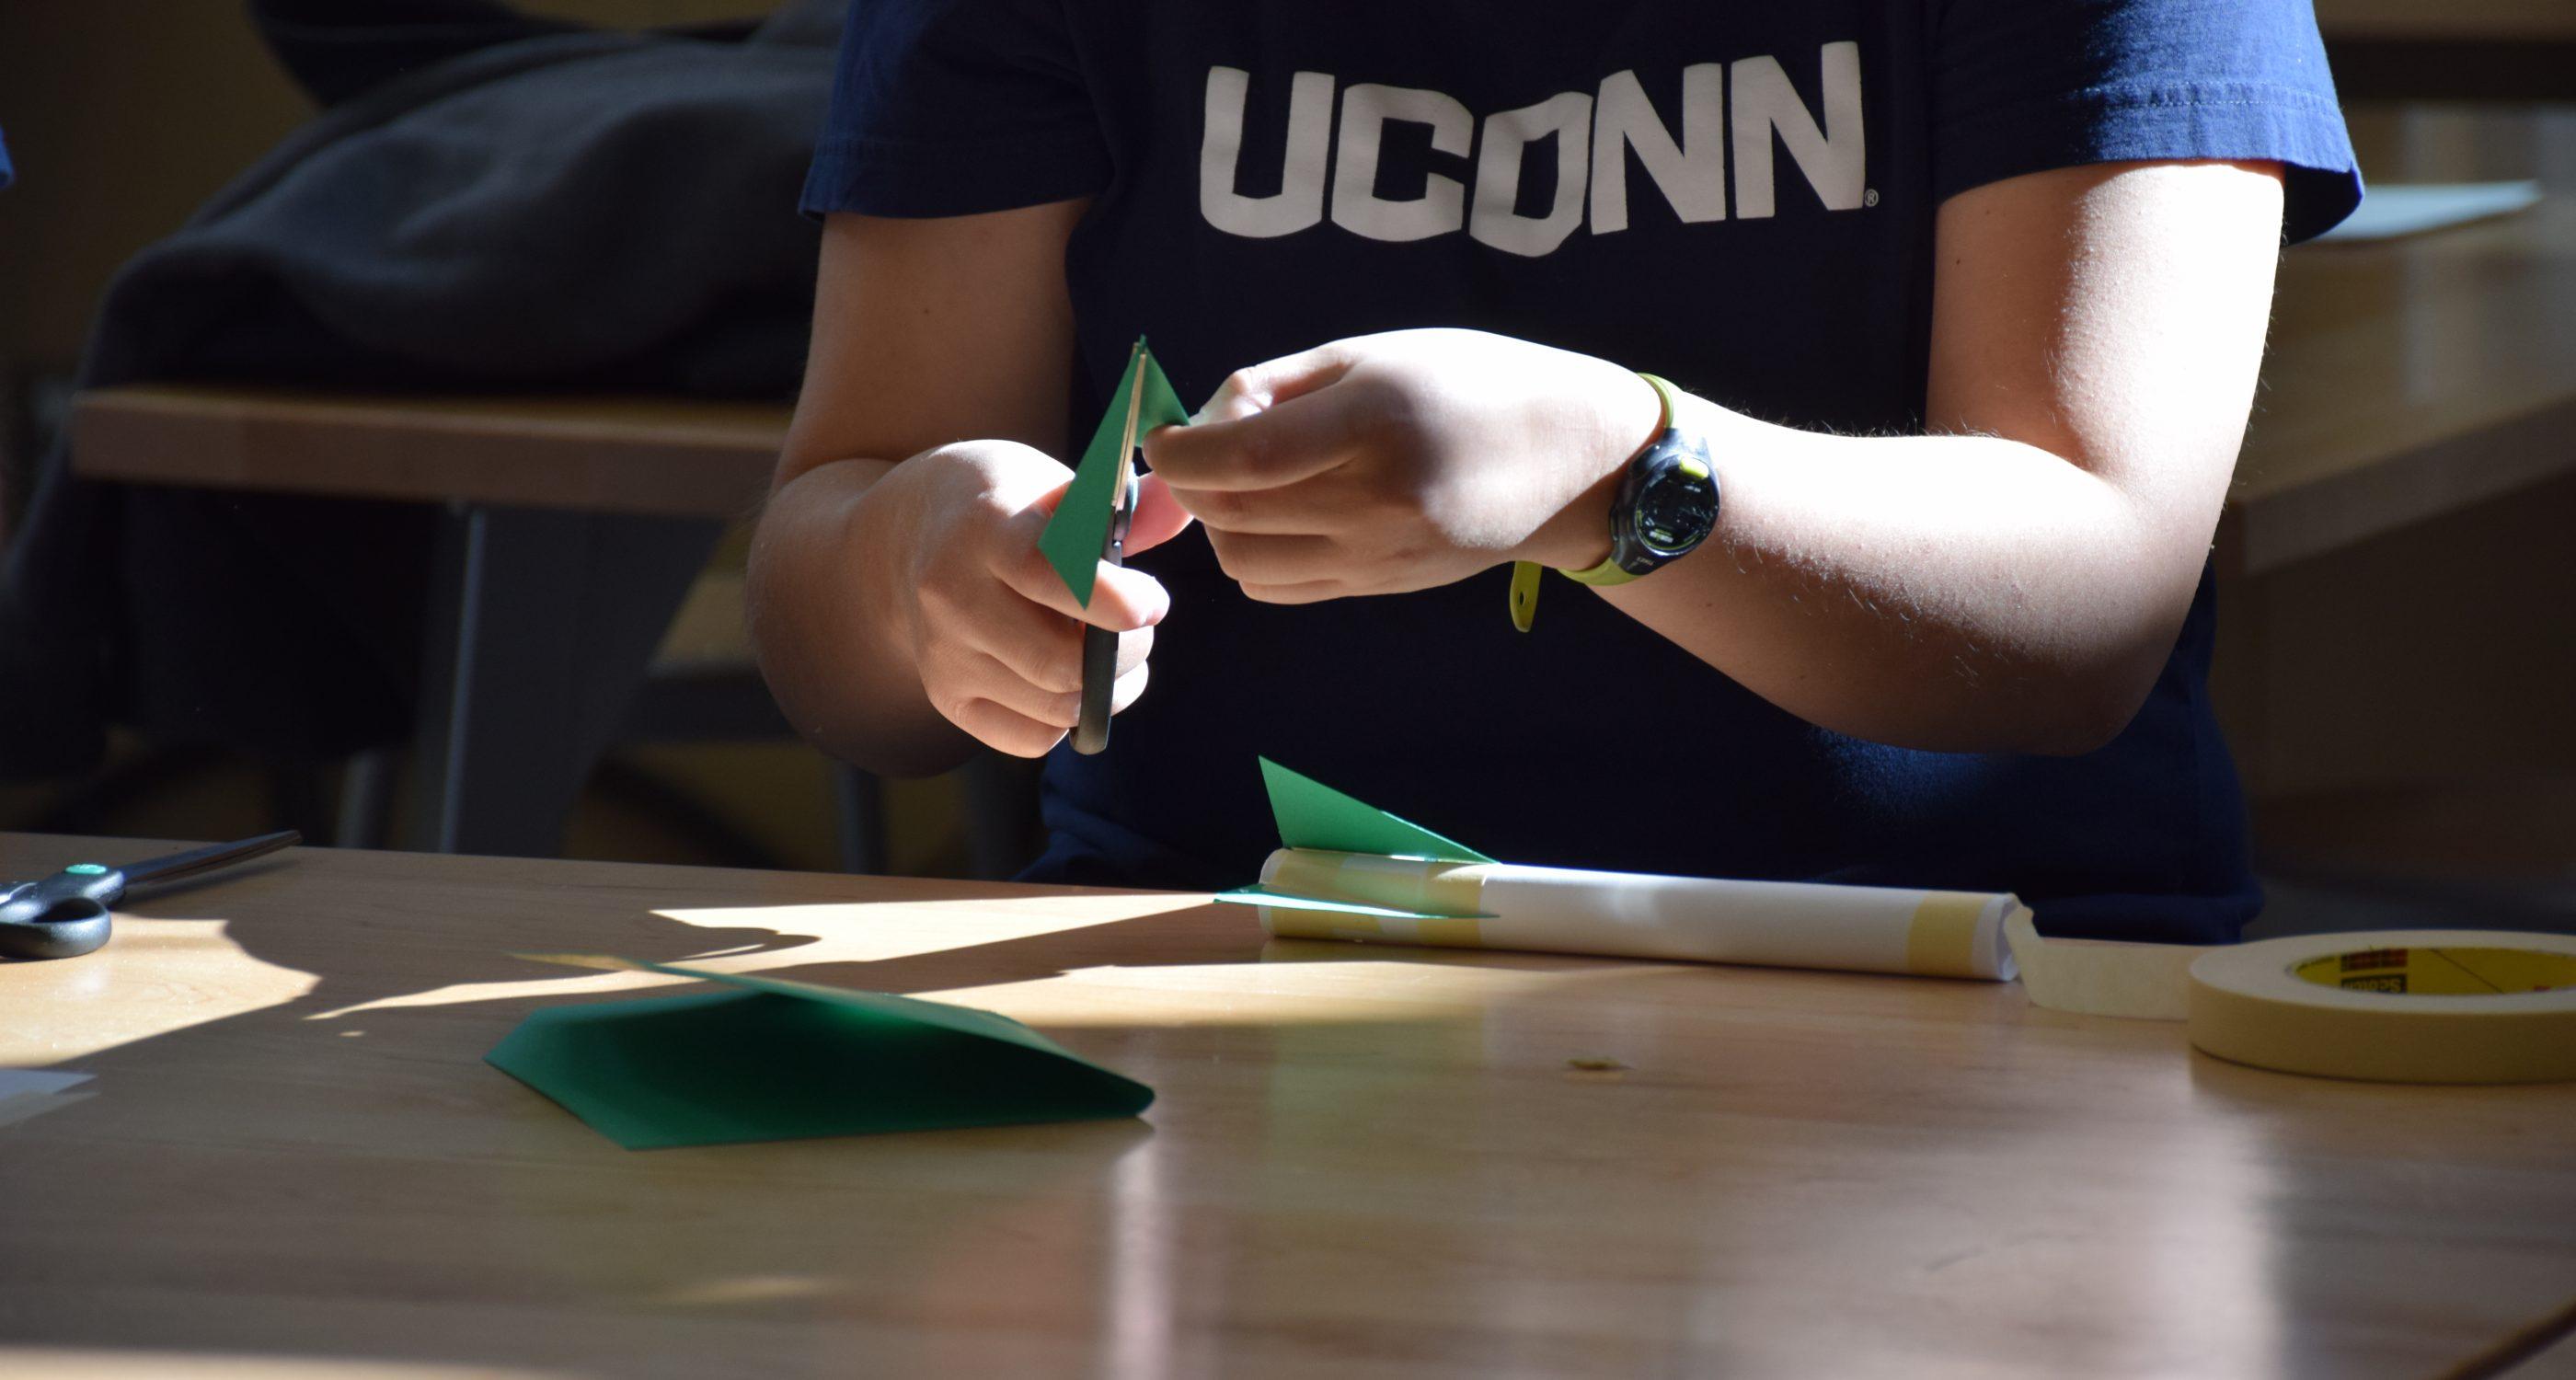 Student using scissors